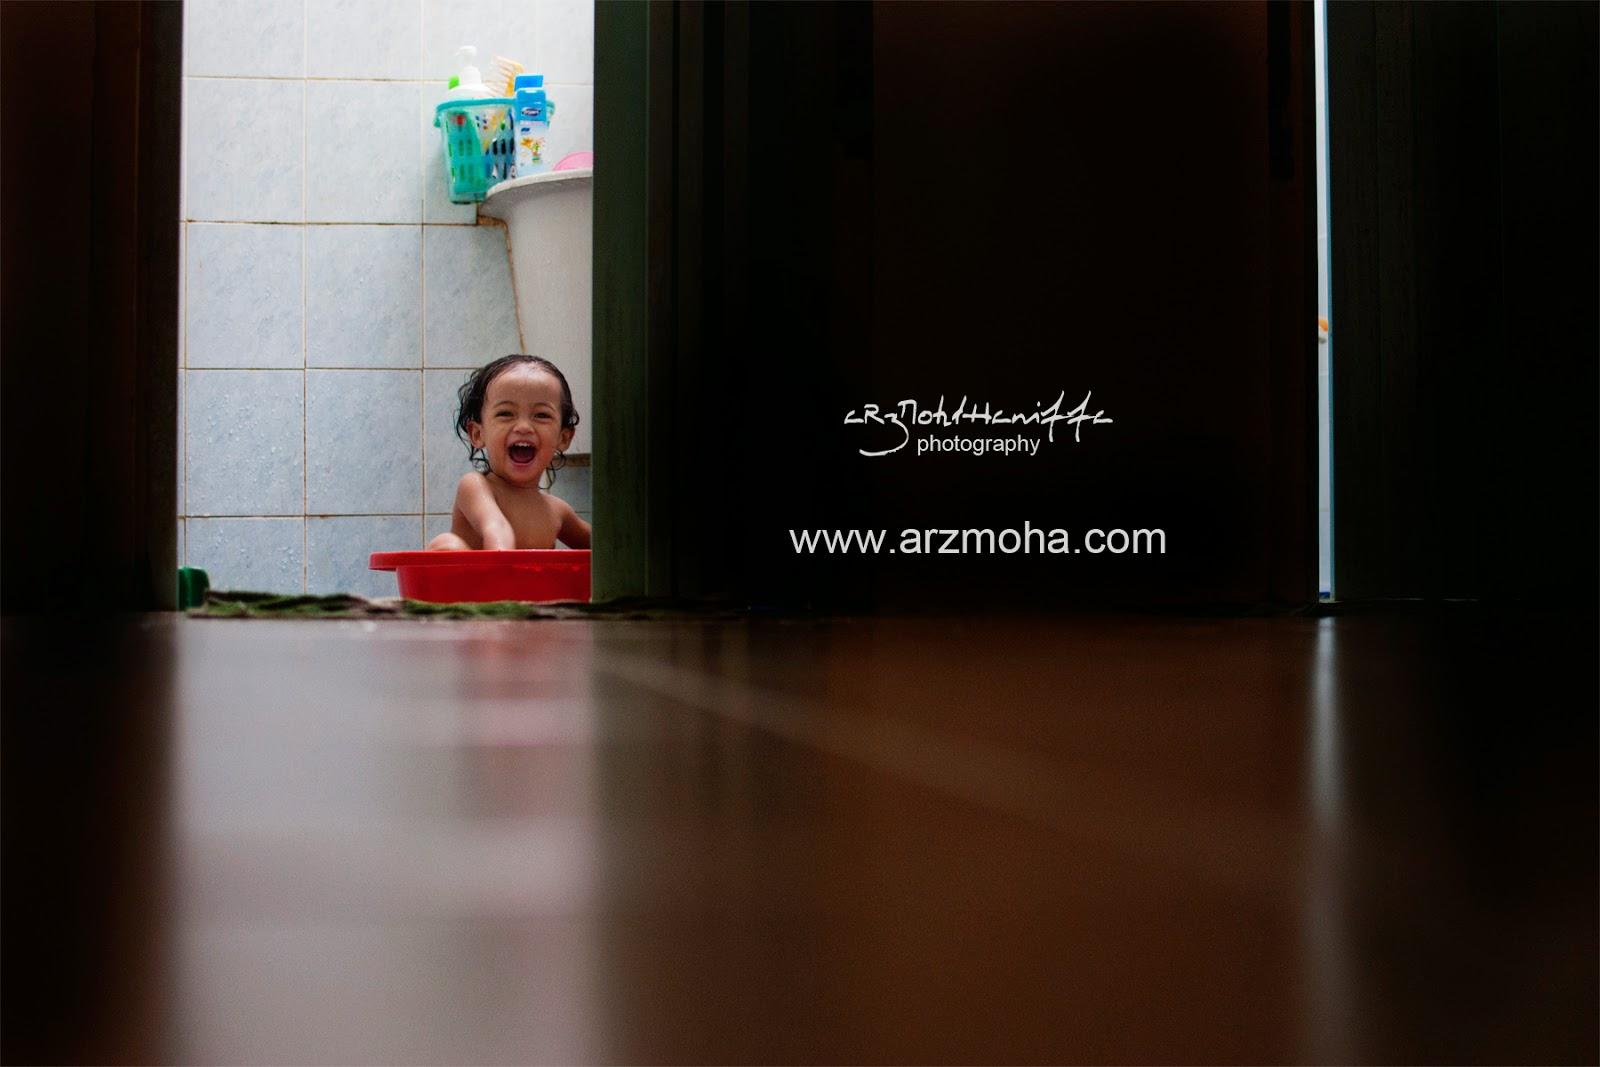 Almira, Faqihah, Kids, Bath Time, Gambar Cantik, arzmohdhaniffa photography, arzmoha.com